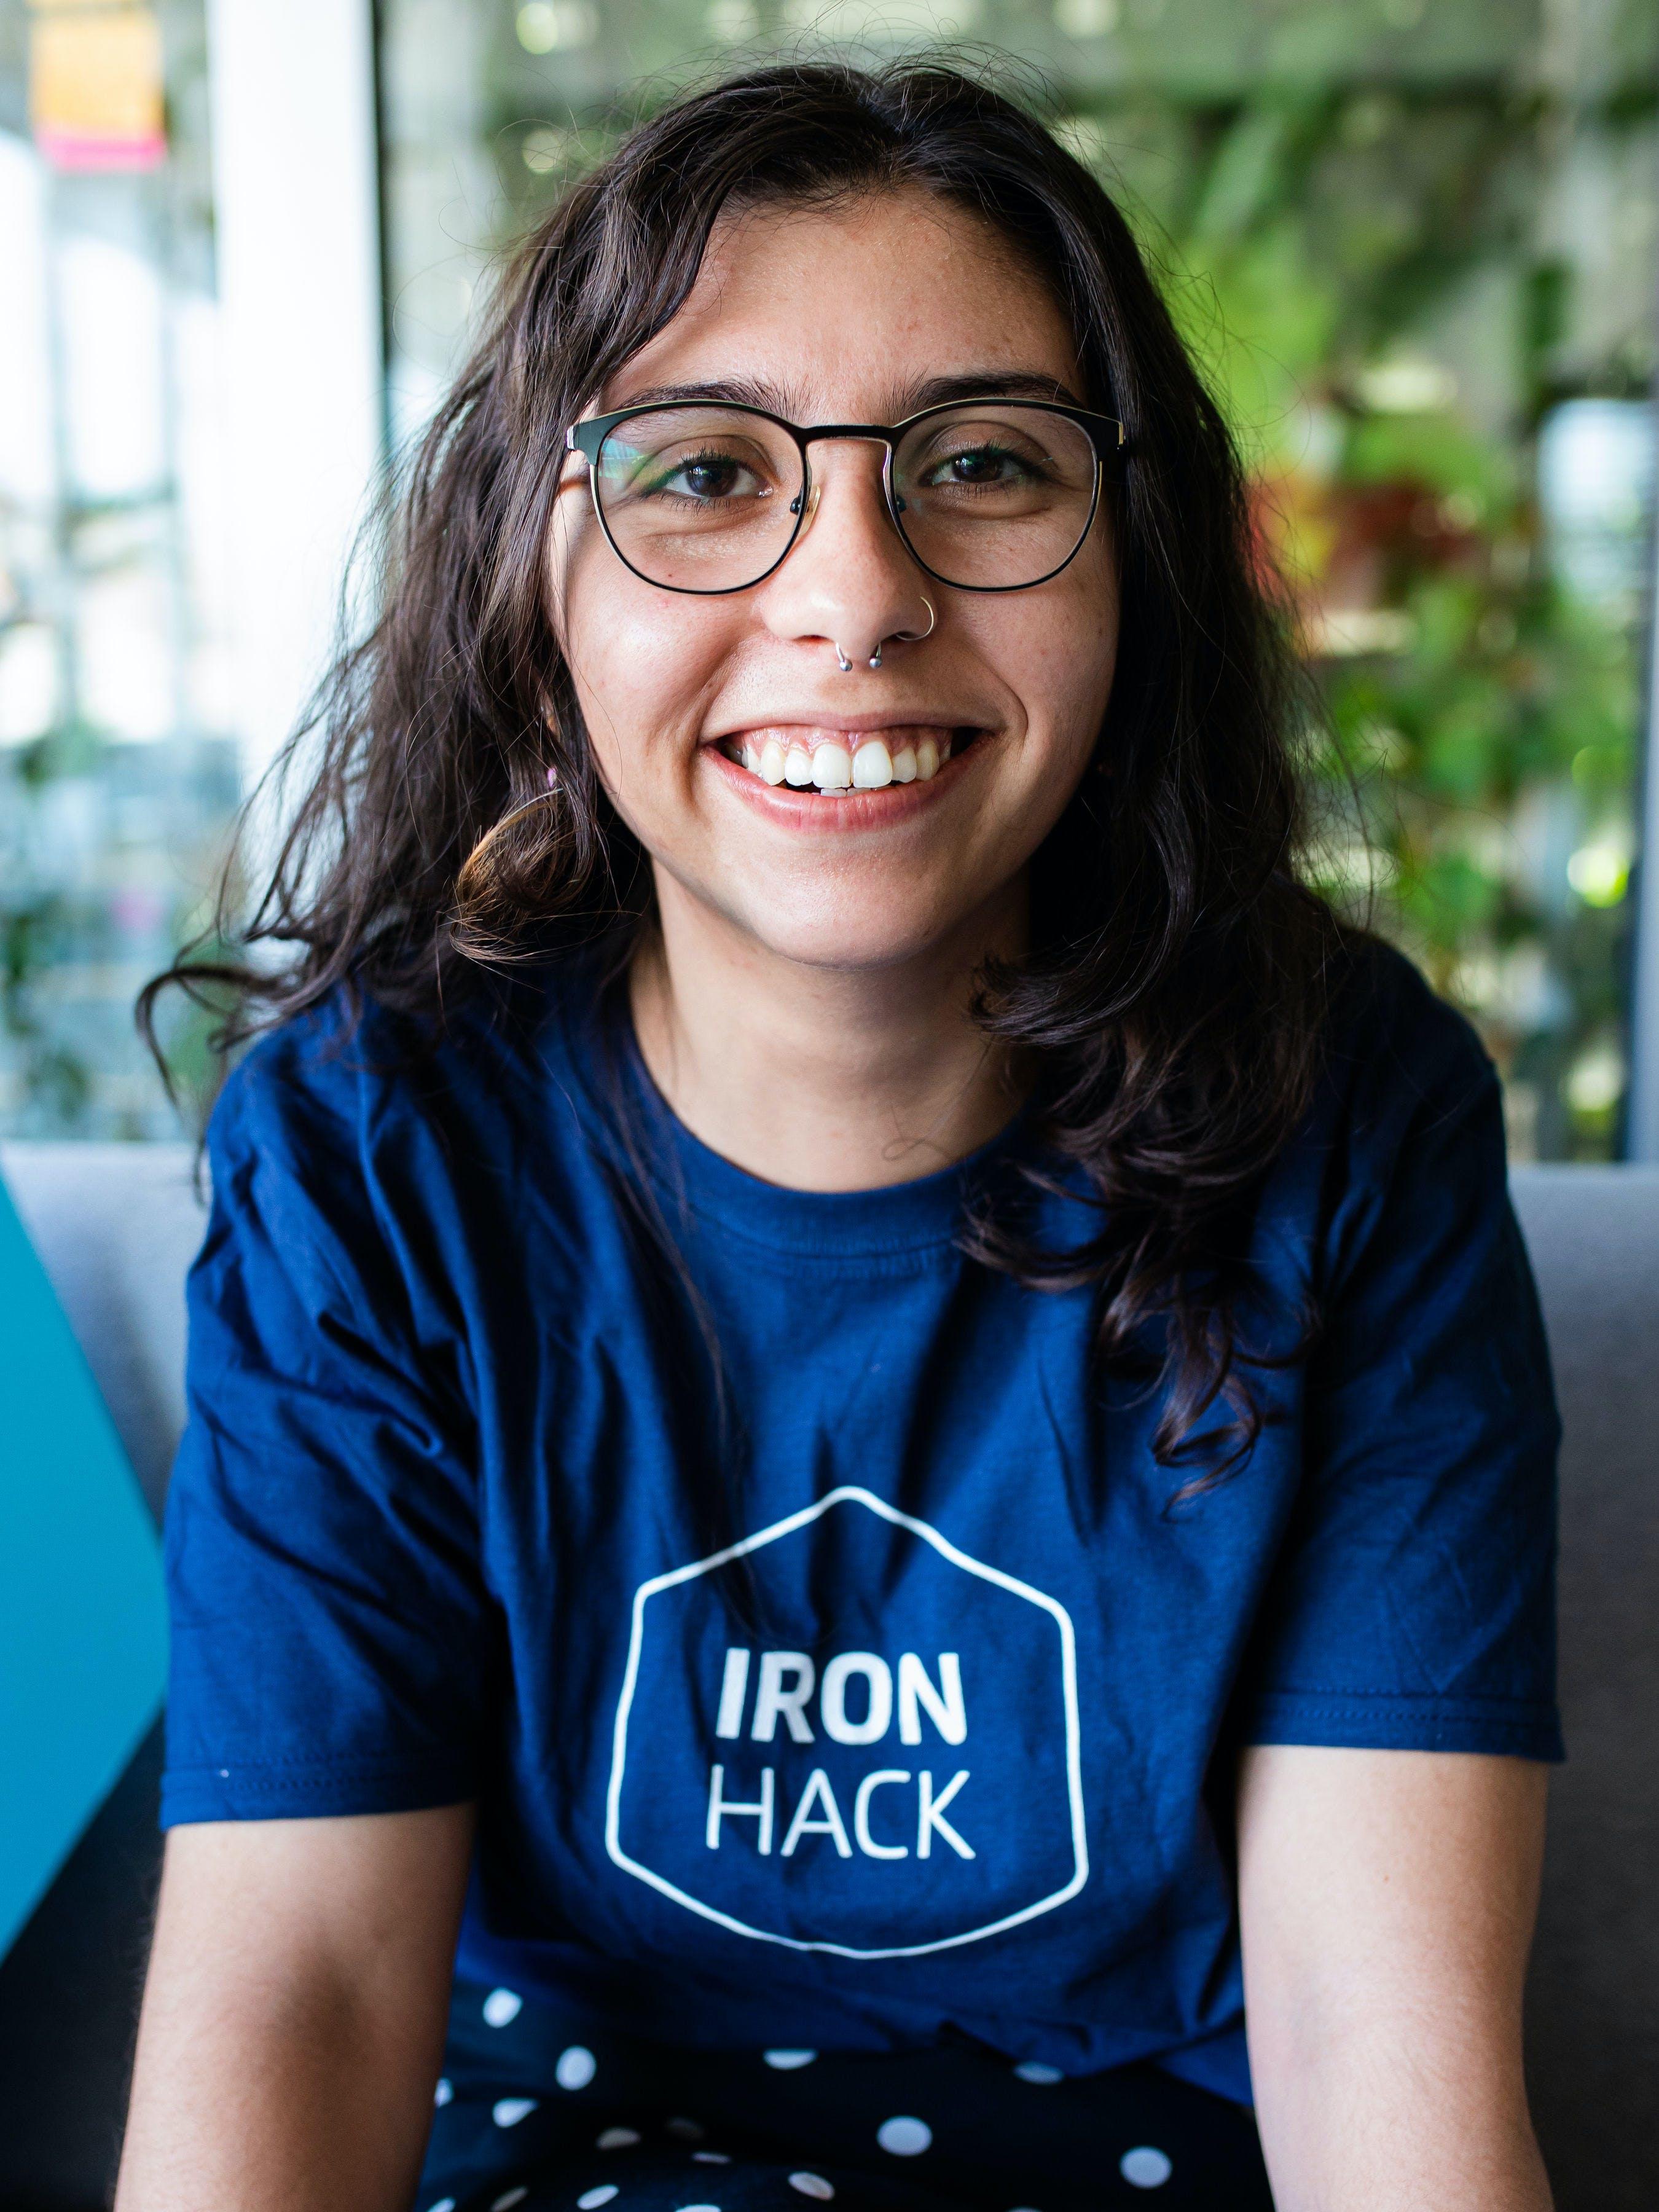 Ironhack UX/UI design instructor Rita Martins